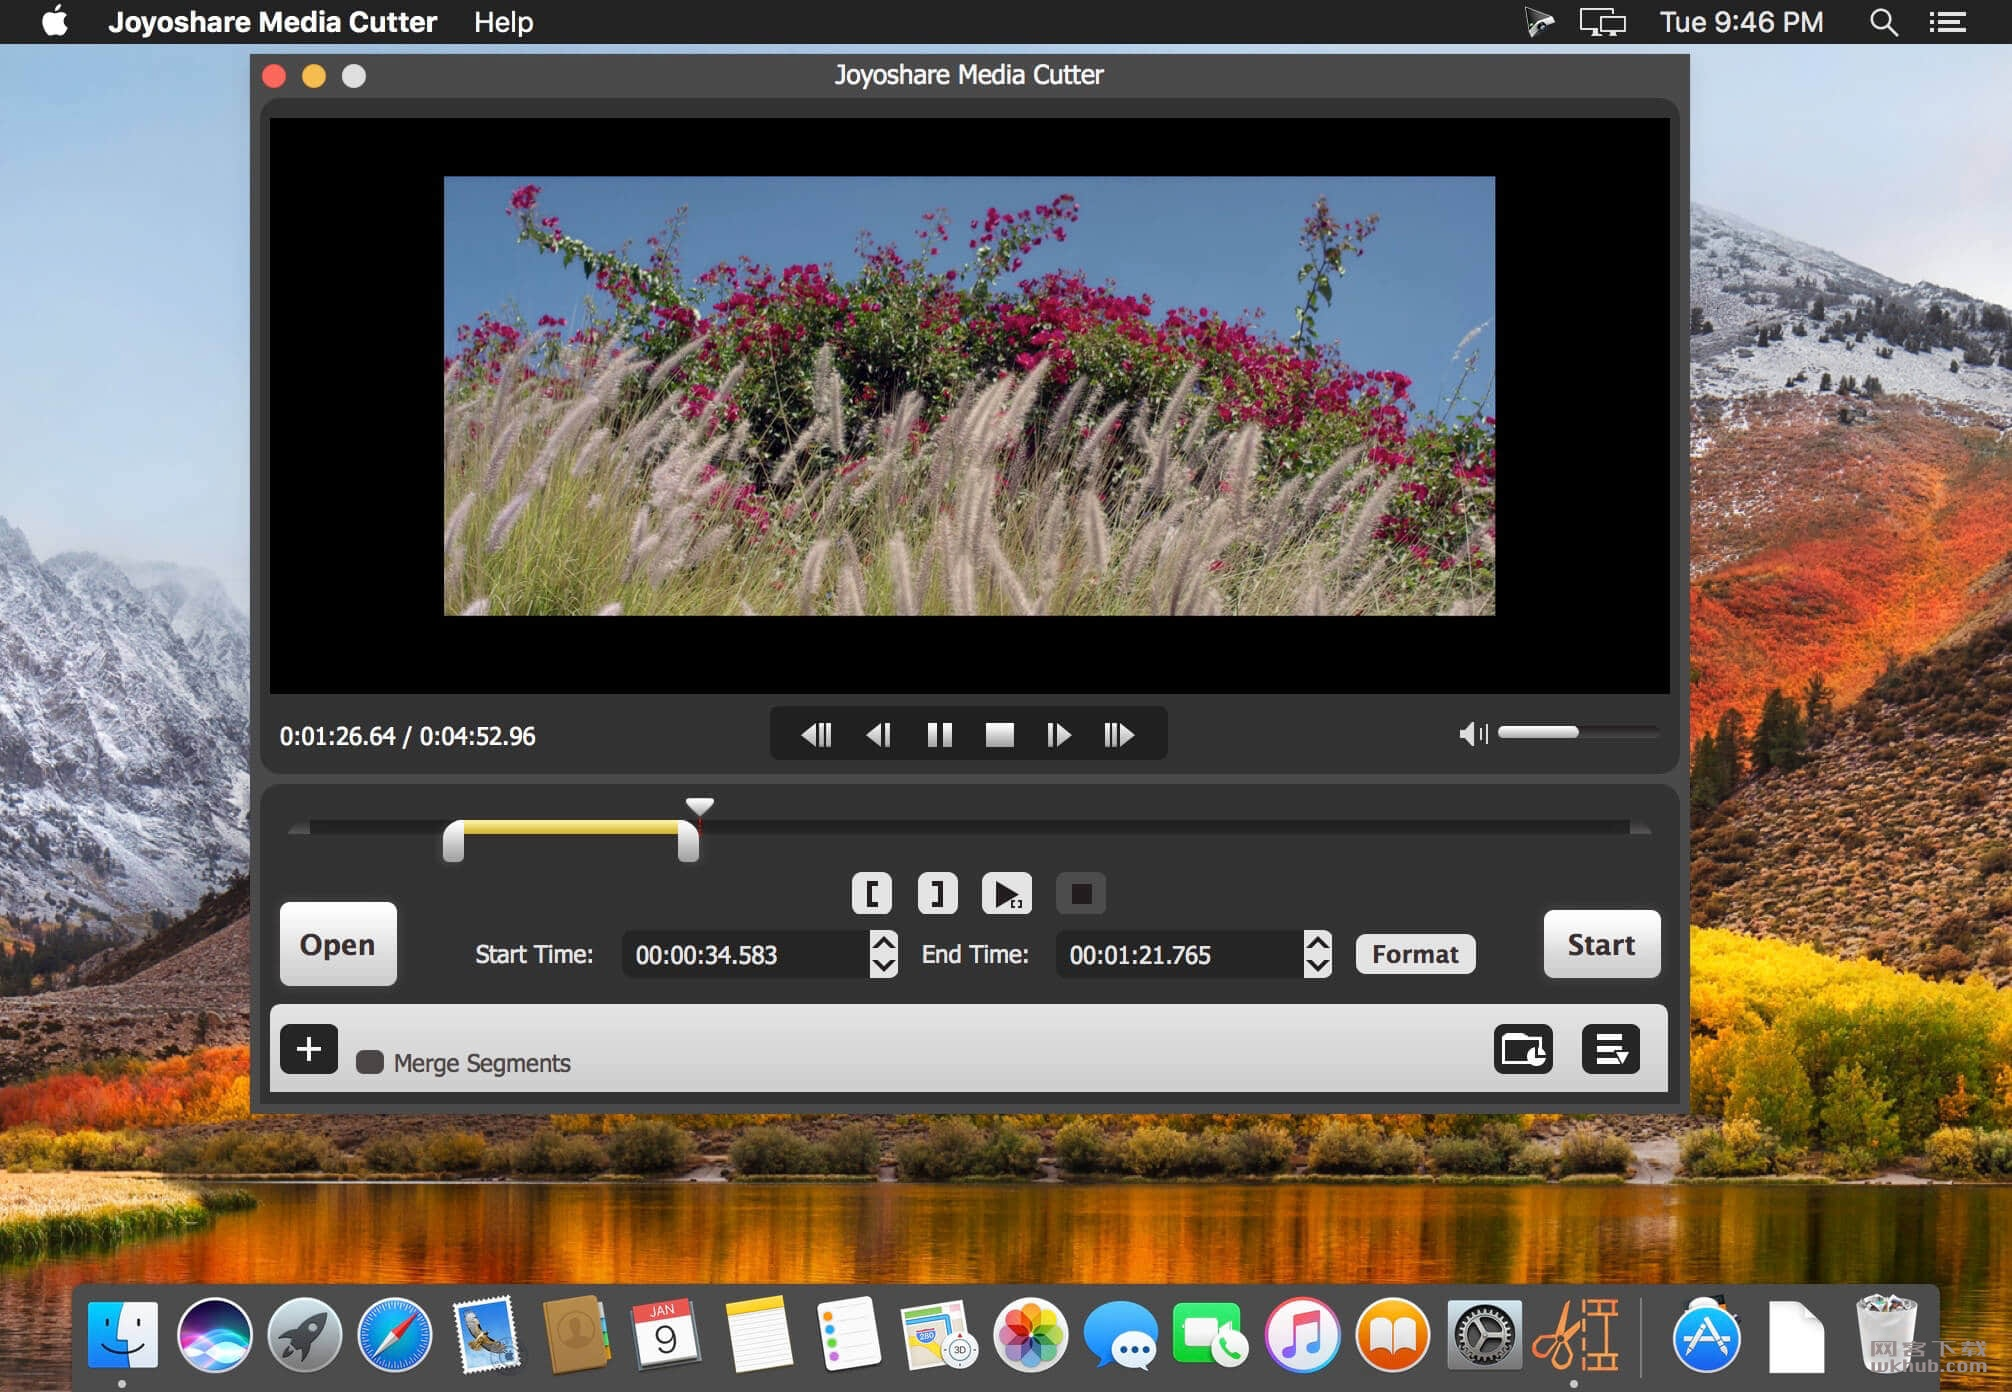 Joyoshare Media Cutter 3.2.0.43 简单易用的视频裁剪软件